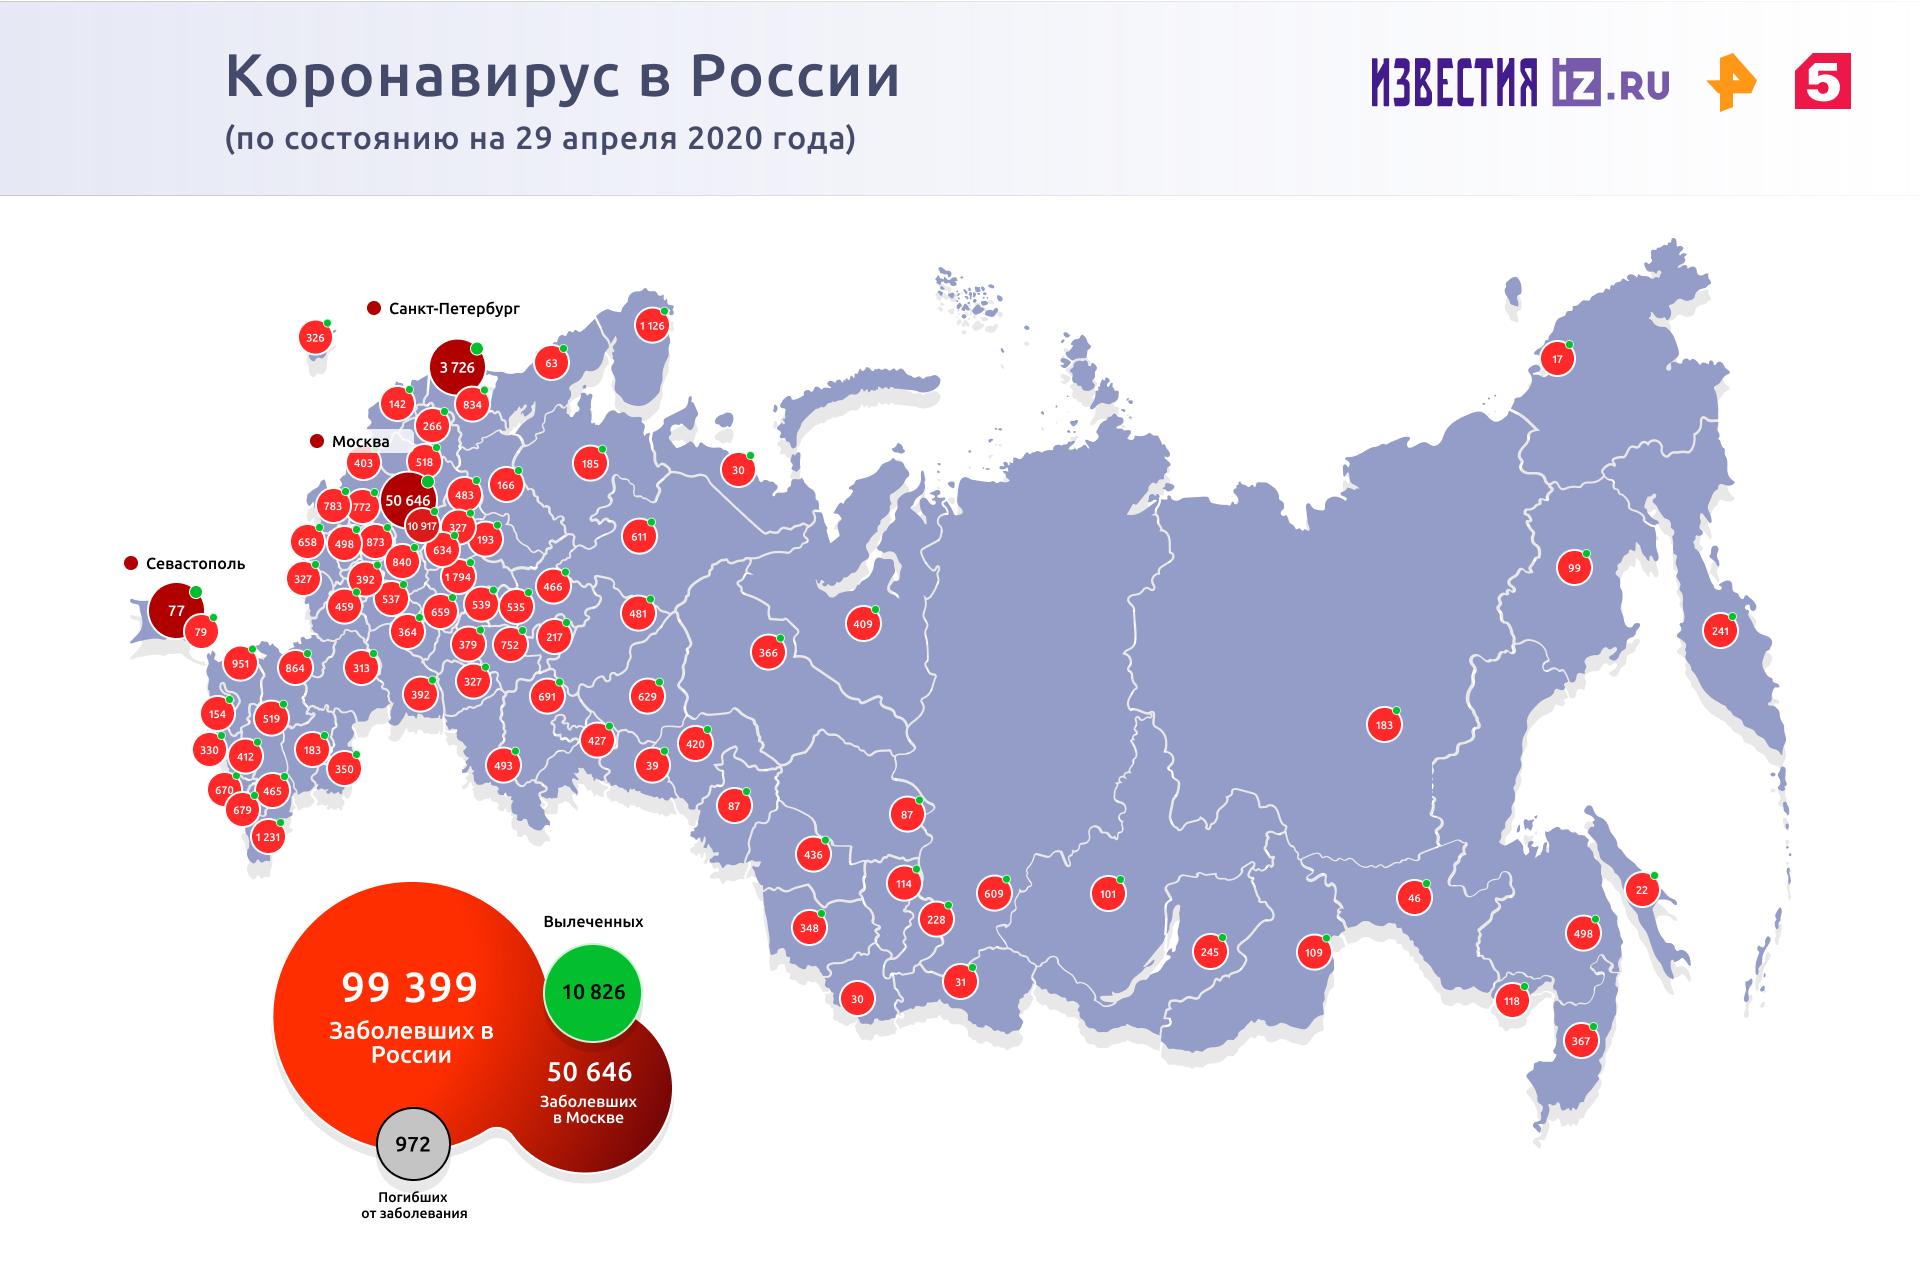 Песков сообщил о работе регионов в авральном режиме из-за коронавируса